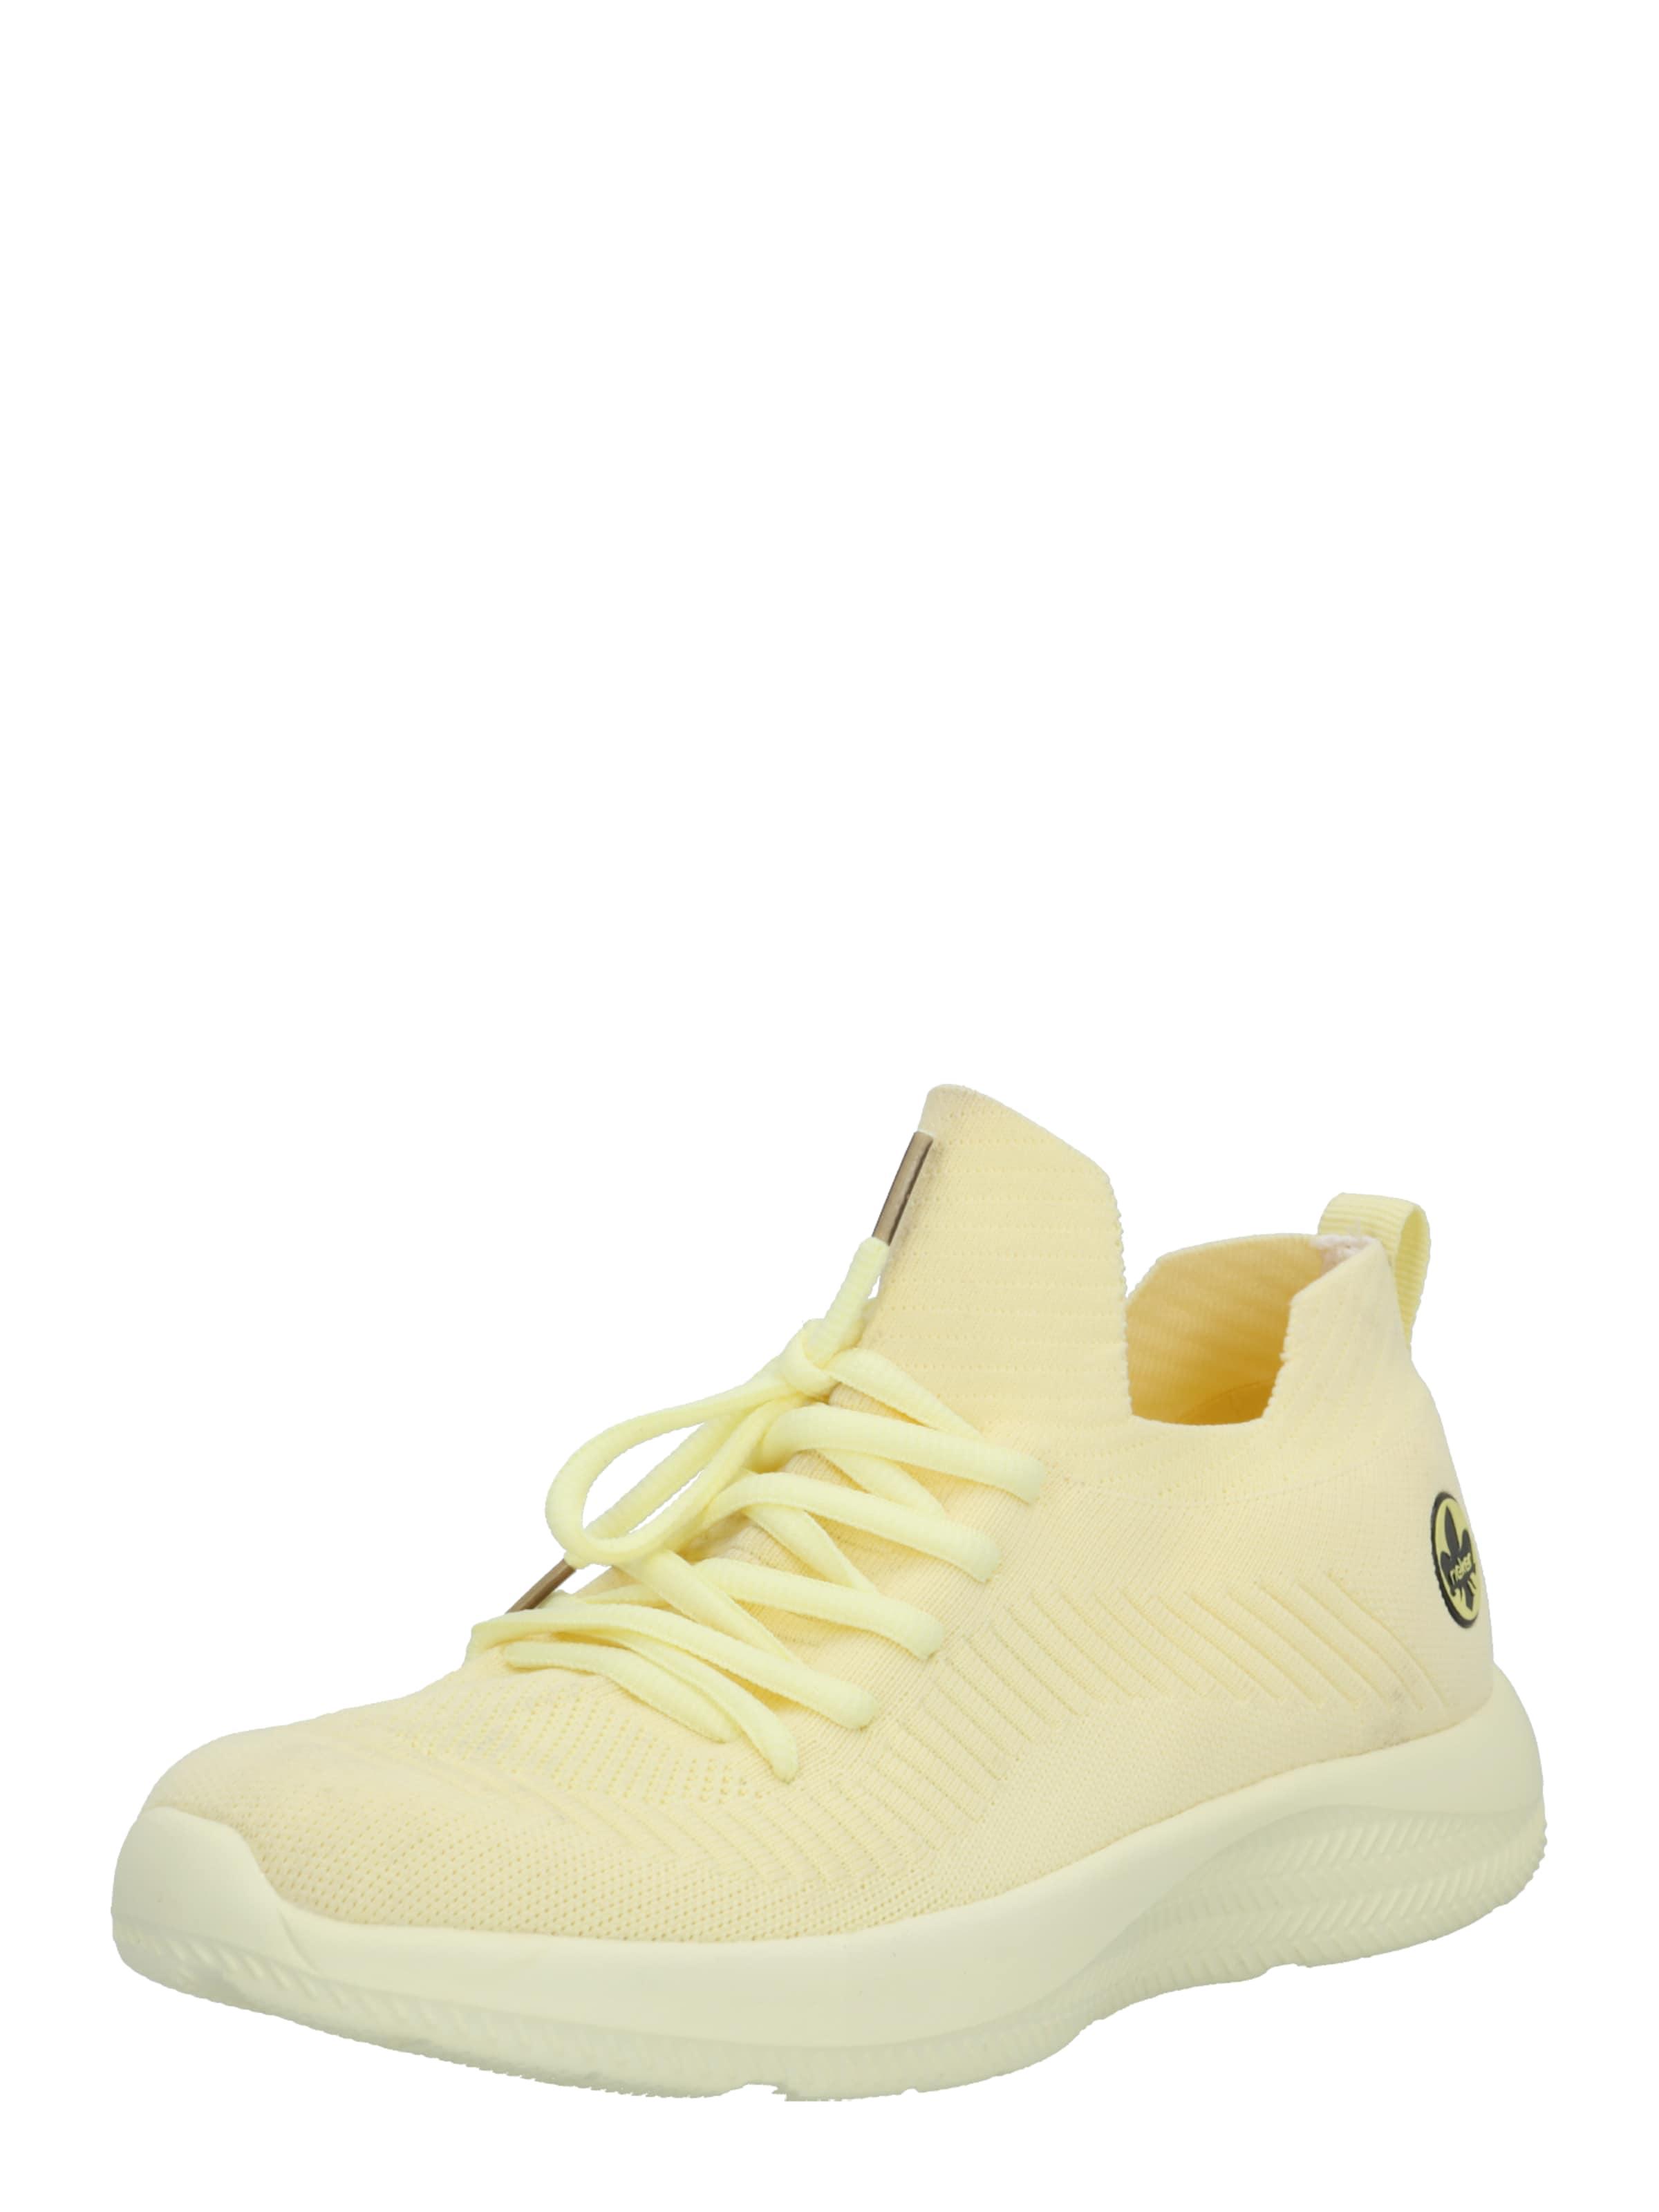 RIEKER Rövid szárú edzőcipők világos sárga színben